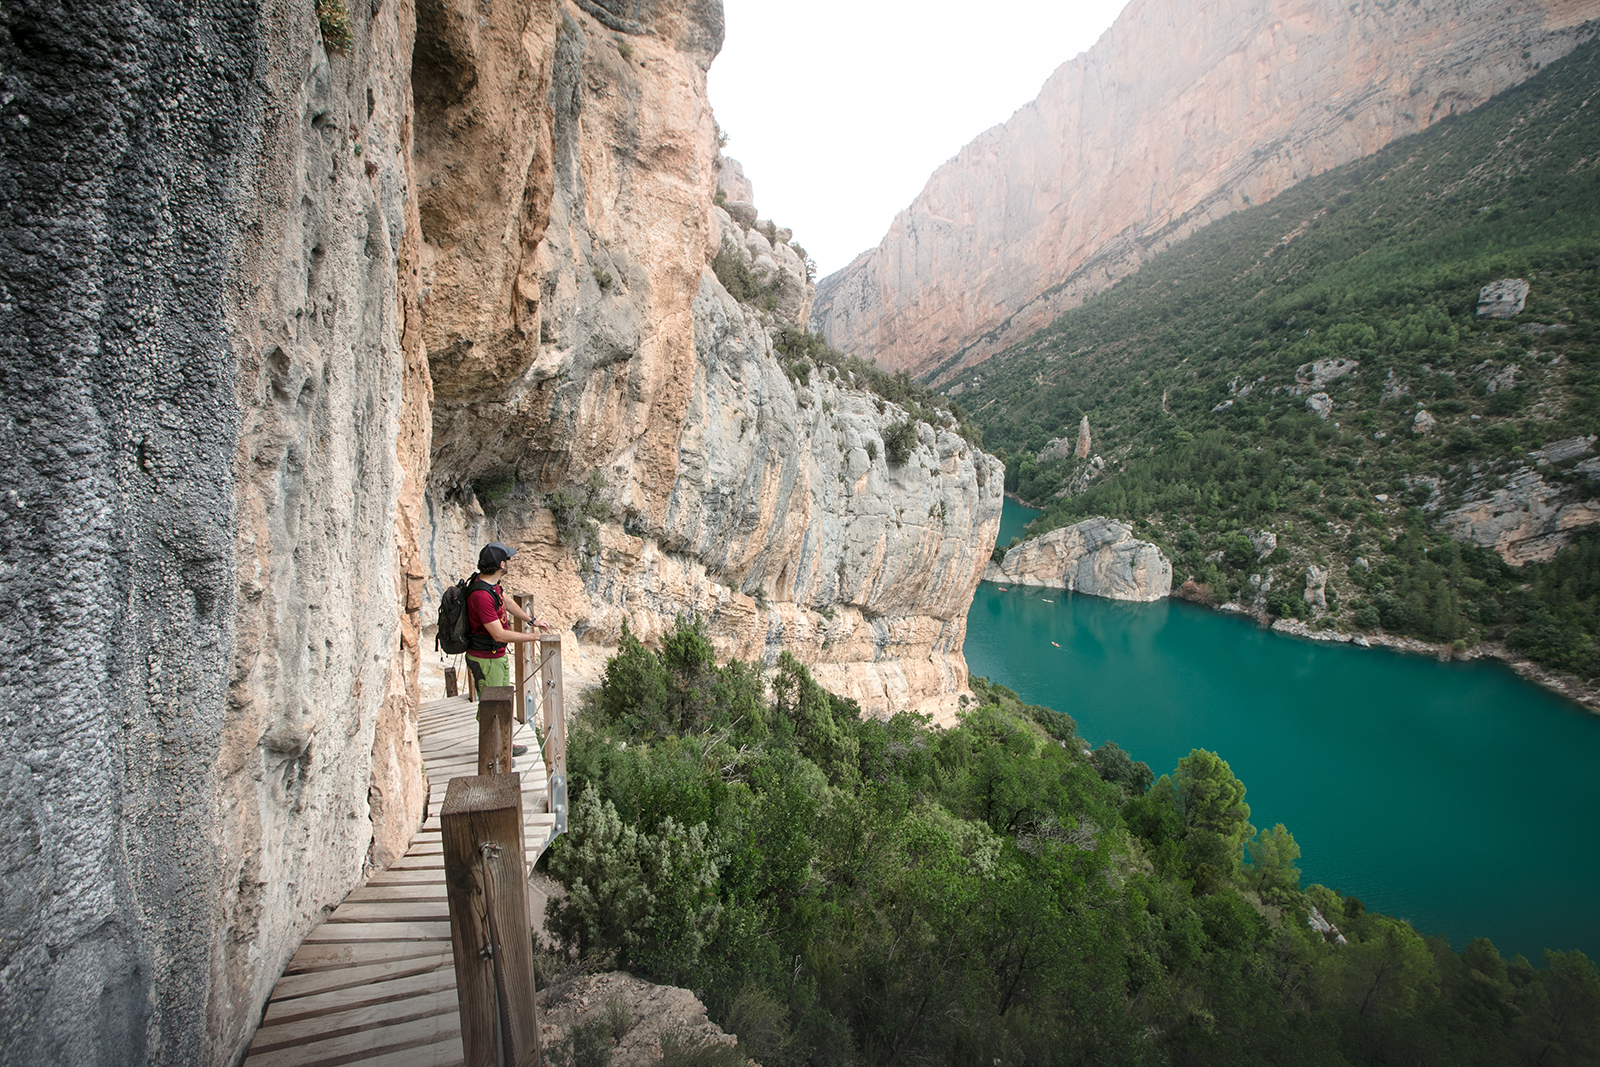 Randonnée en Aragaon en Espagne, au Congost de Mont Rebei